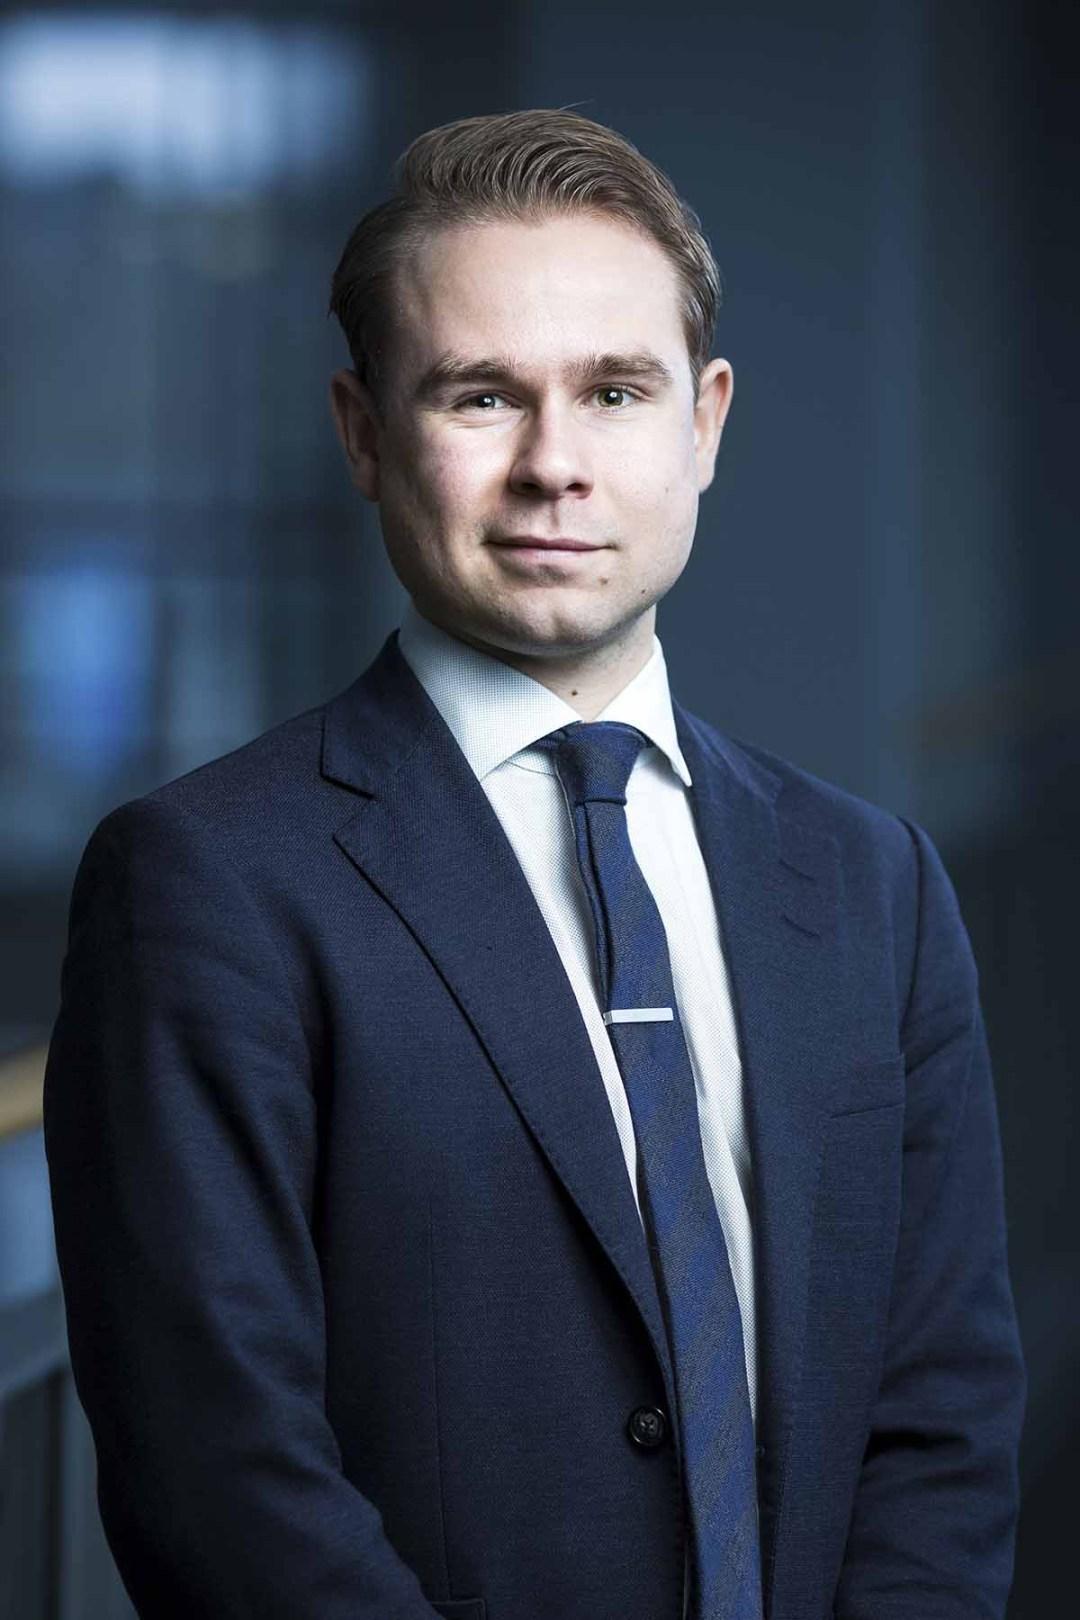 direktør Viborg